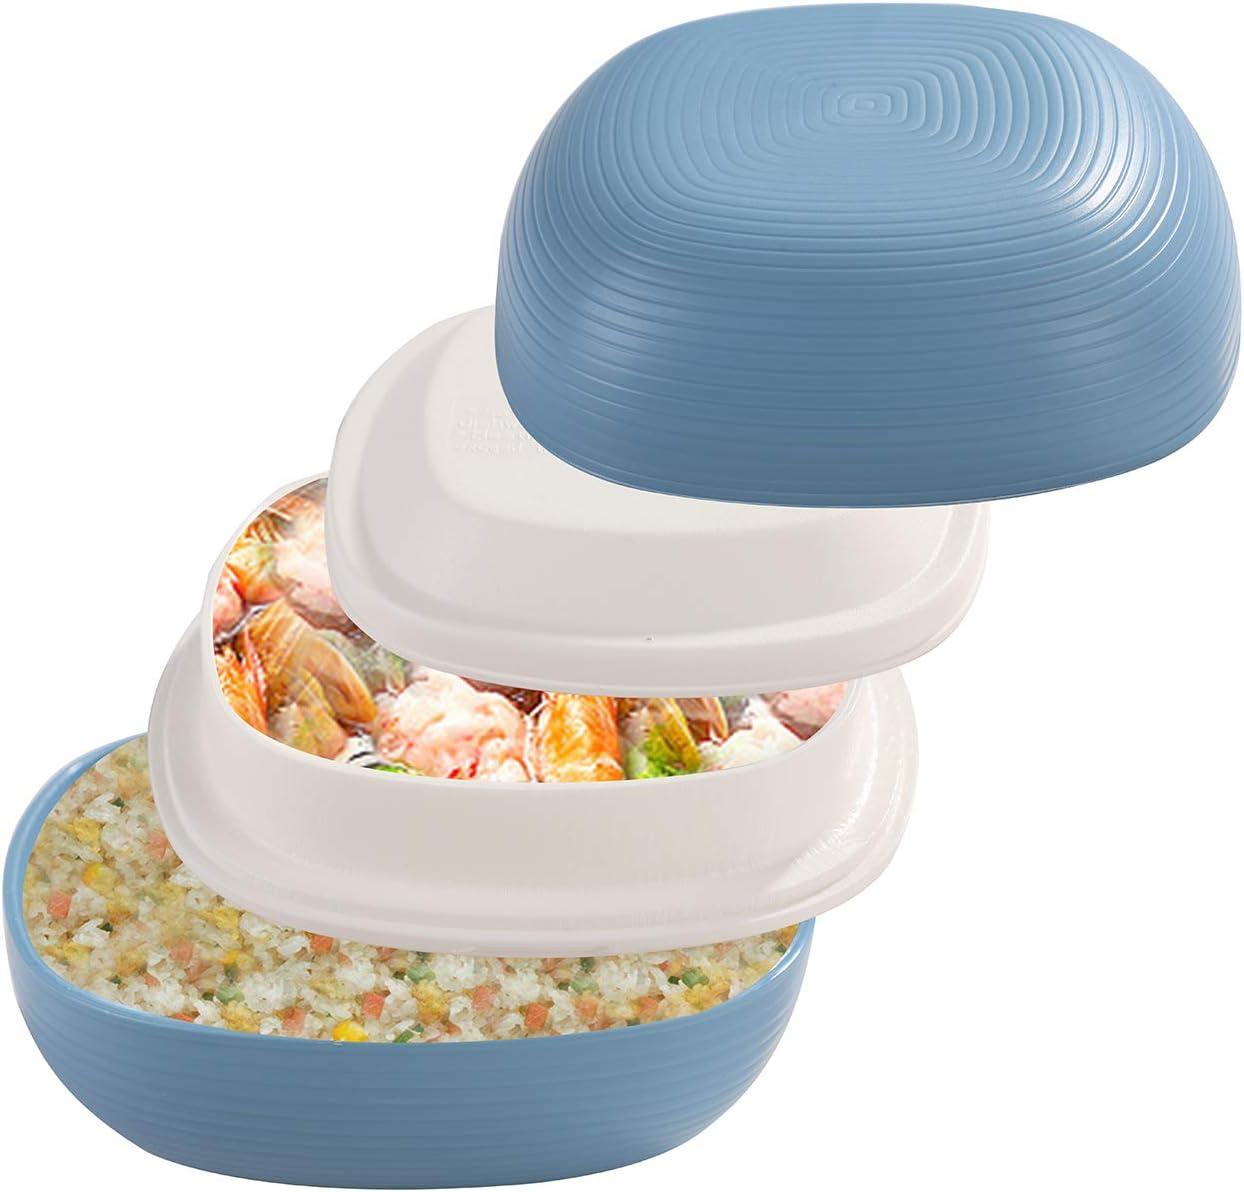 Fiambrera Compartimentos-Certificado LFGB//Certificado FDA//BPA Gratis//lavavajillas(Blanco) BaoWnylz Lunch Bento Box,Fambrera Infantil